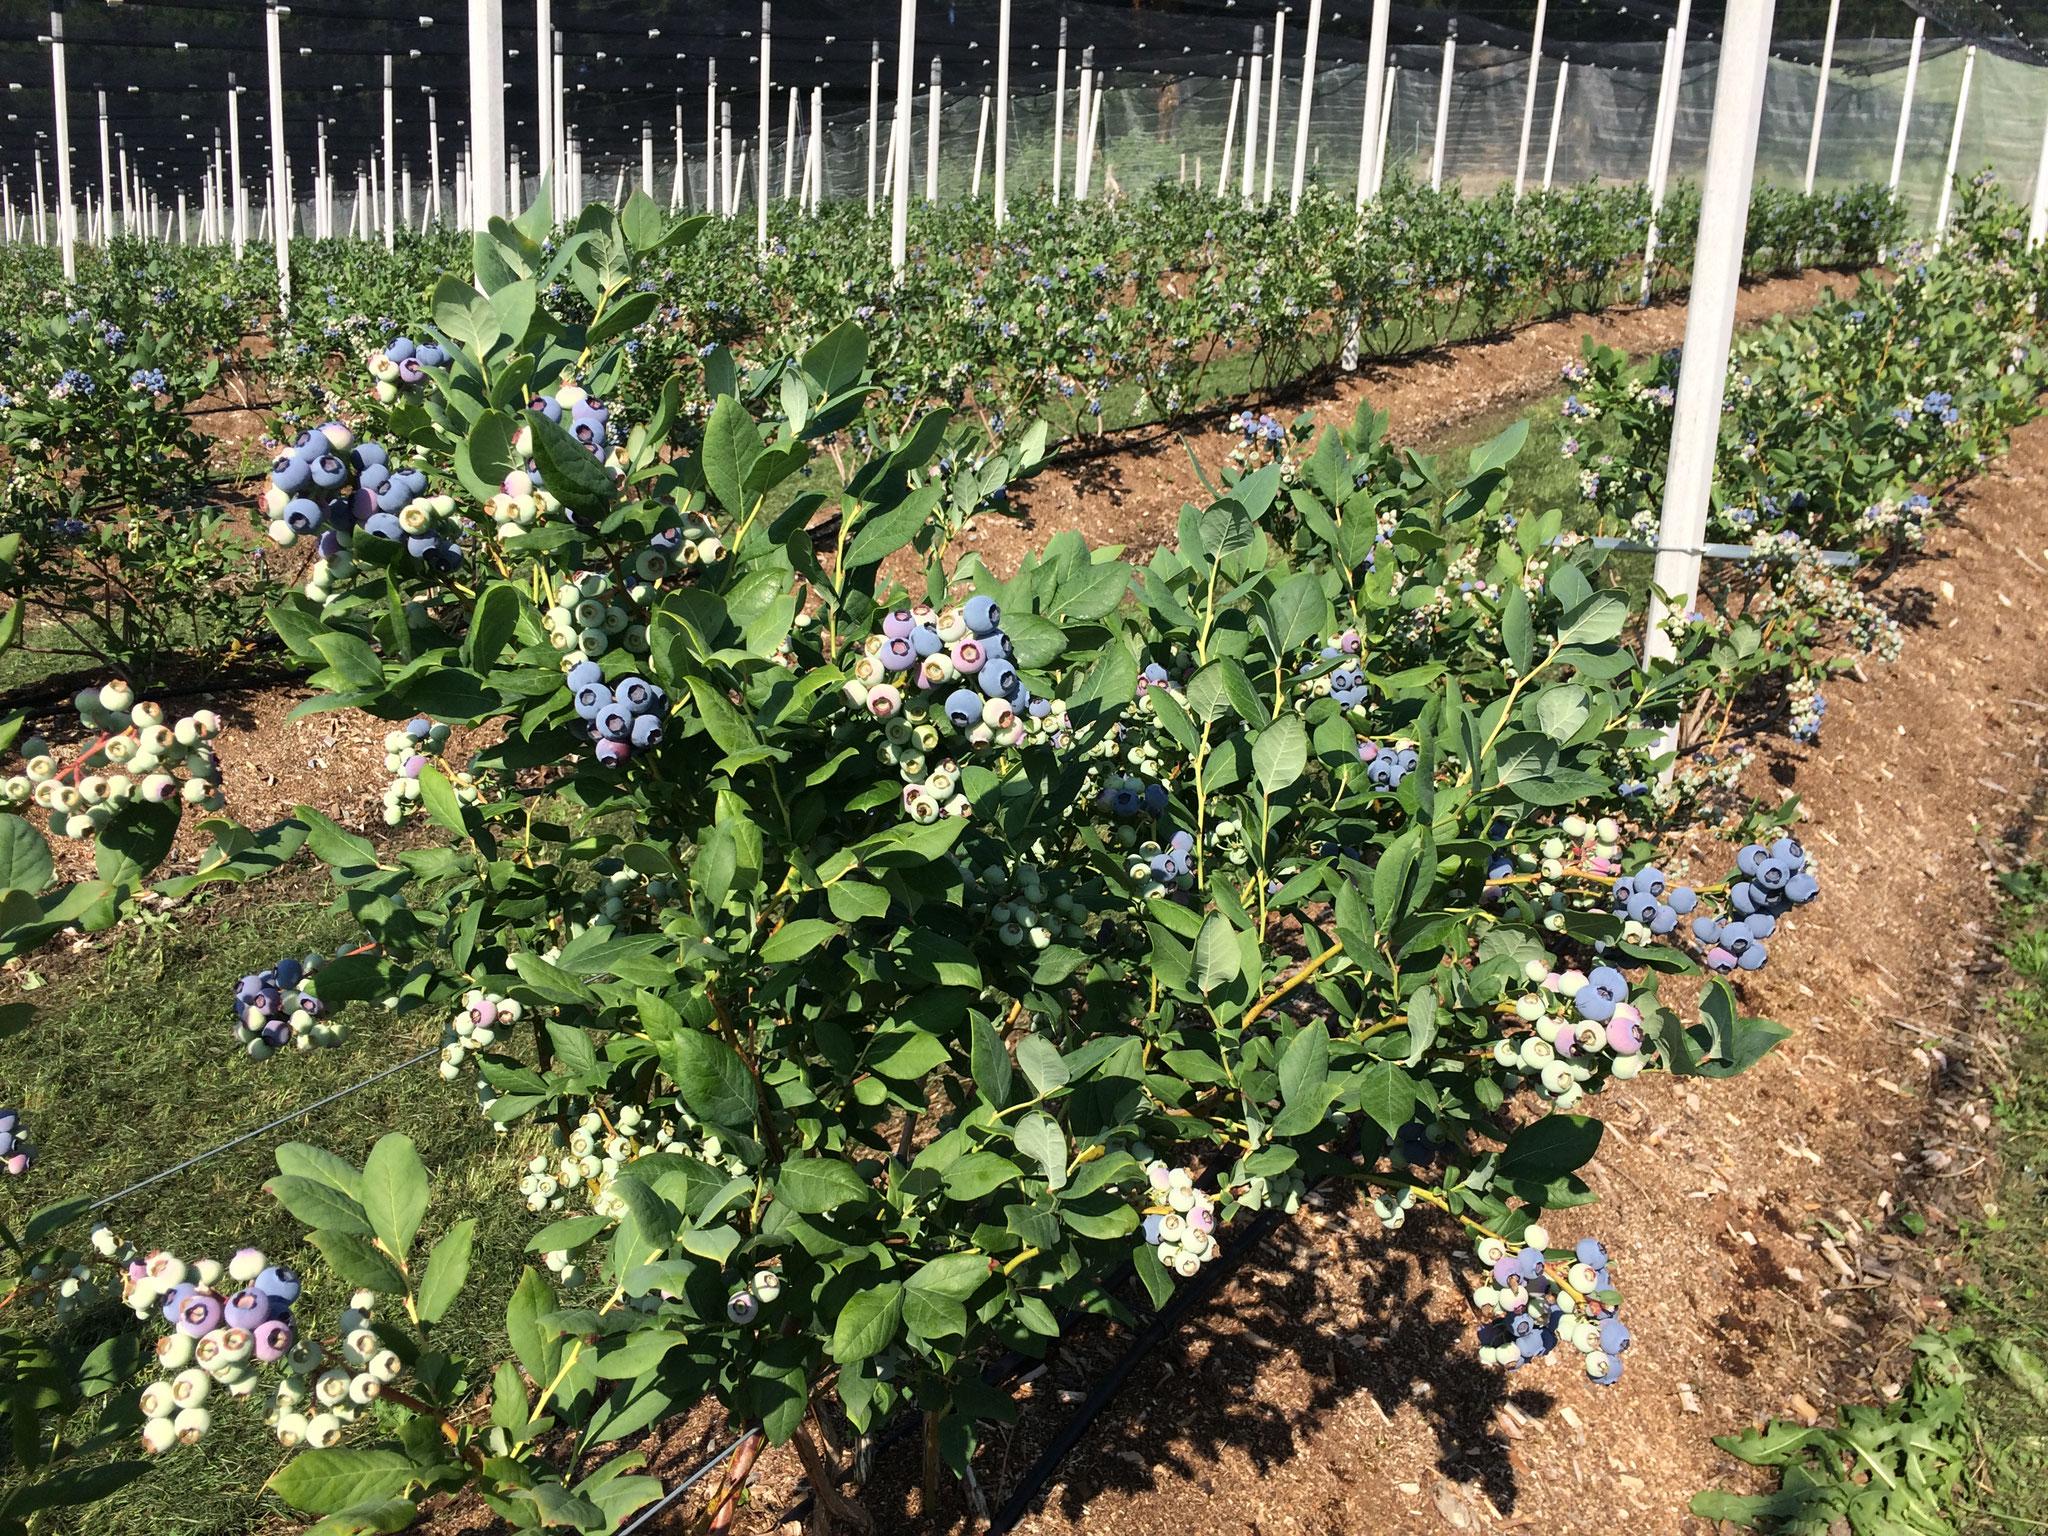 7. Juli 2018 Die ersten Heidelbeeren haben sich blau eingefärbt und können bald gepflückt werden